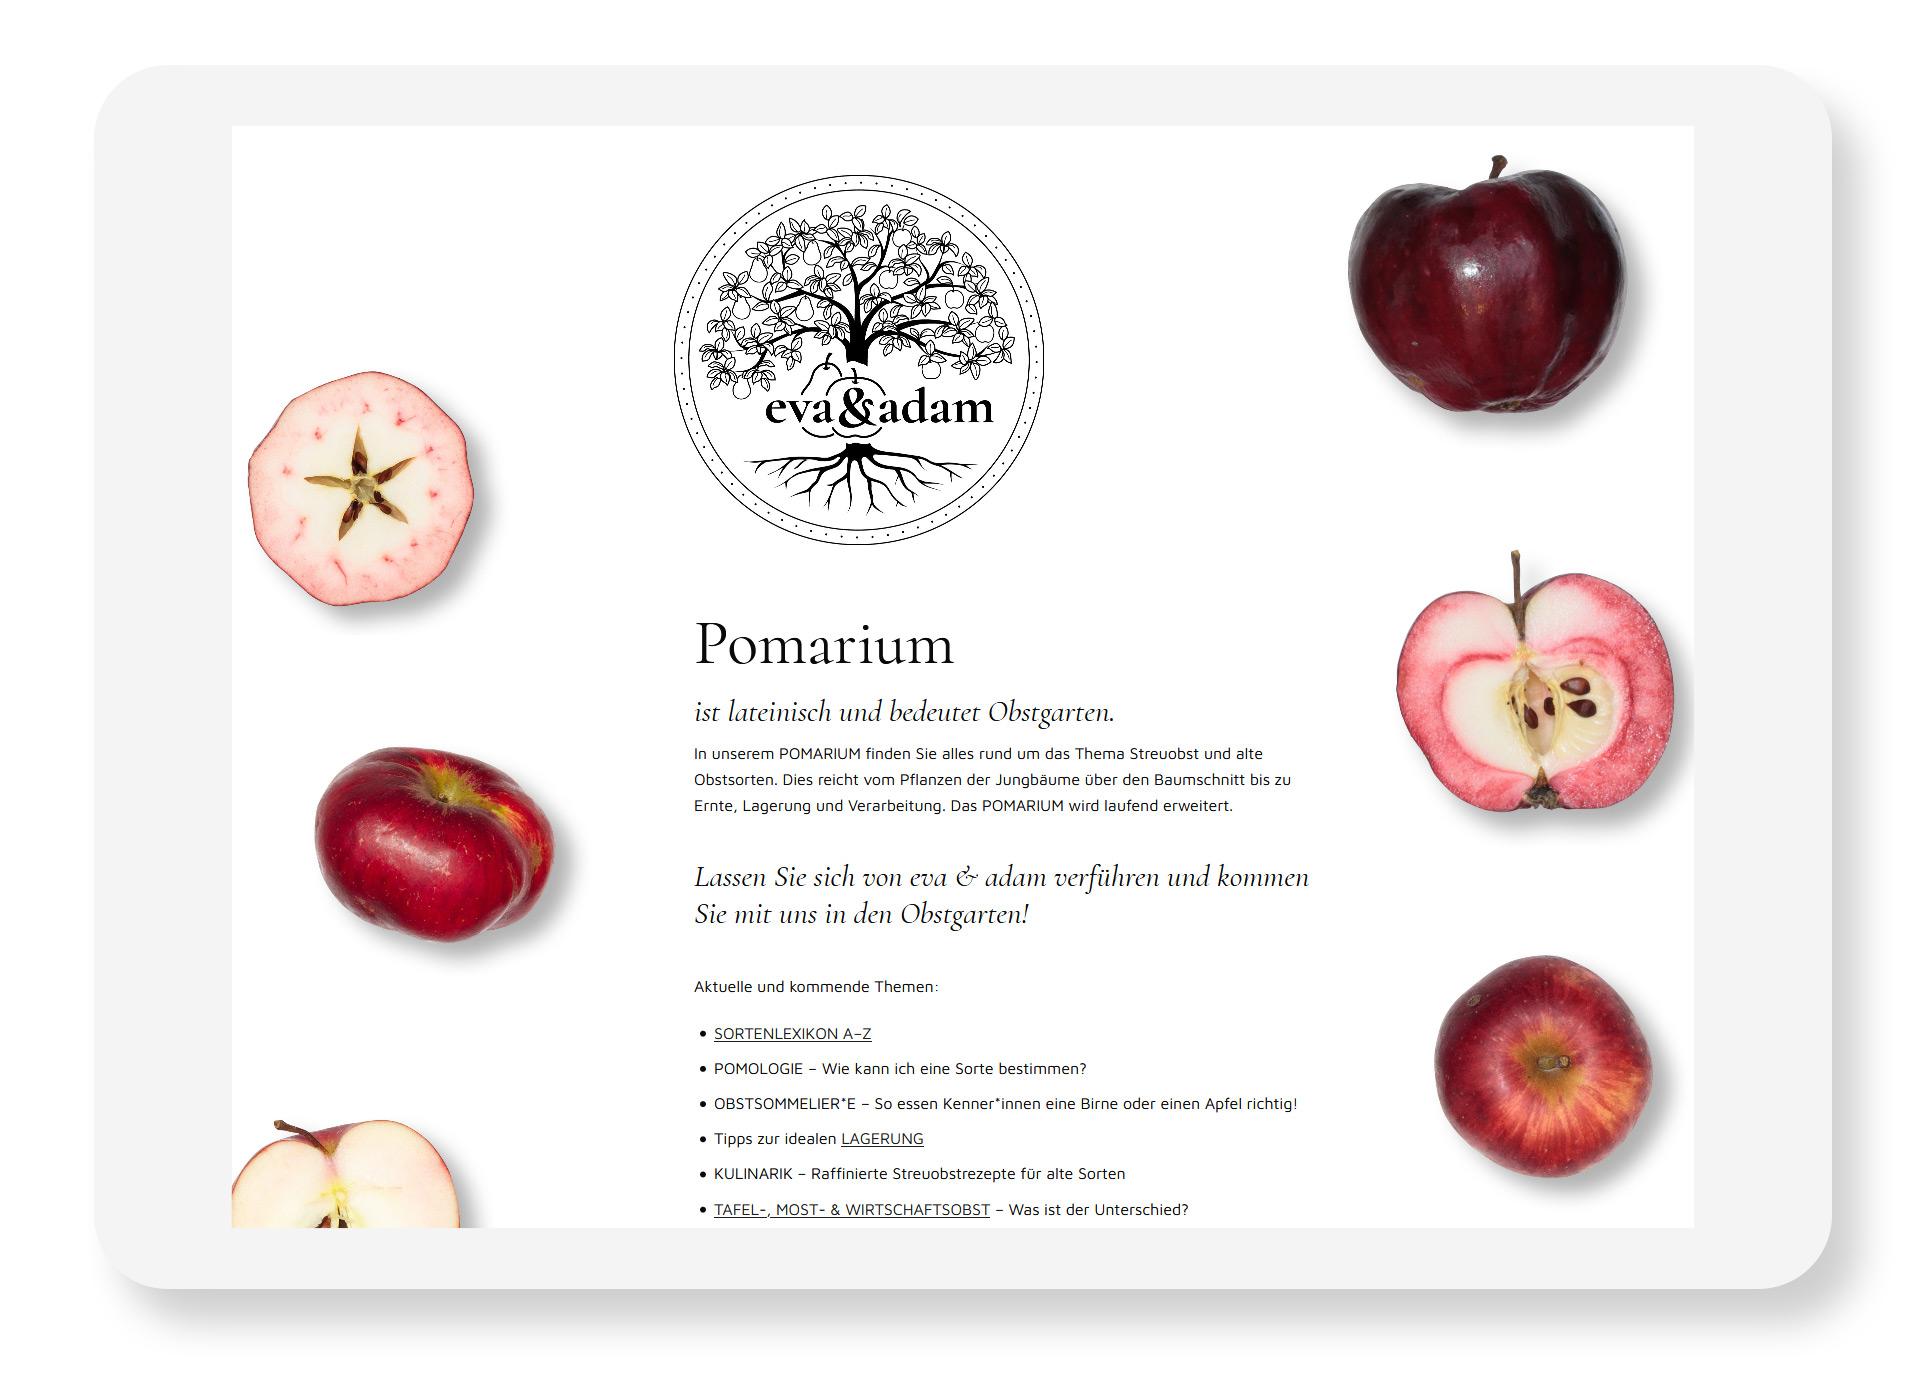 eva & adam Pomarium